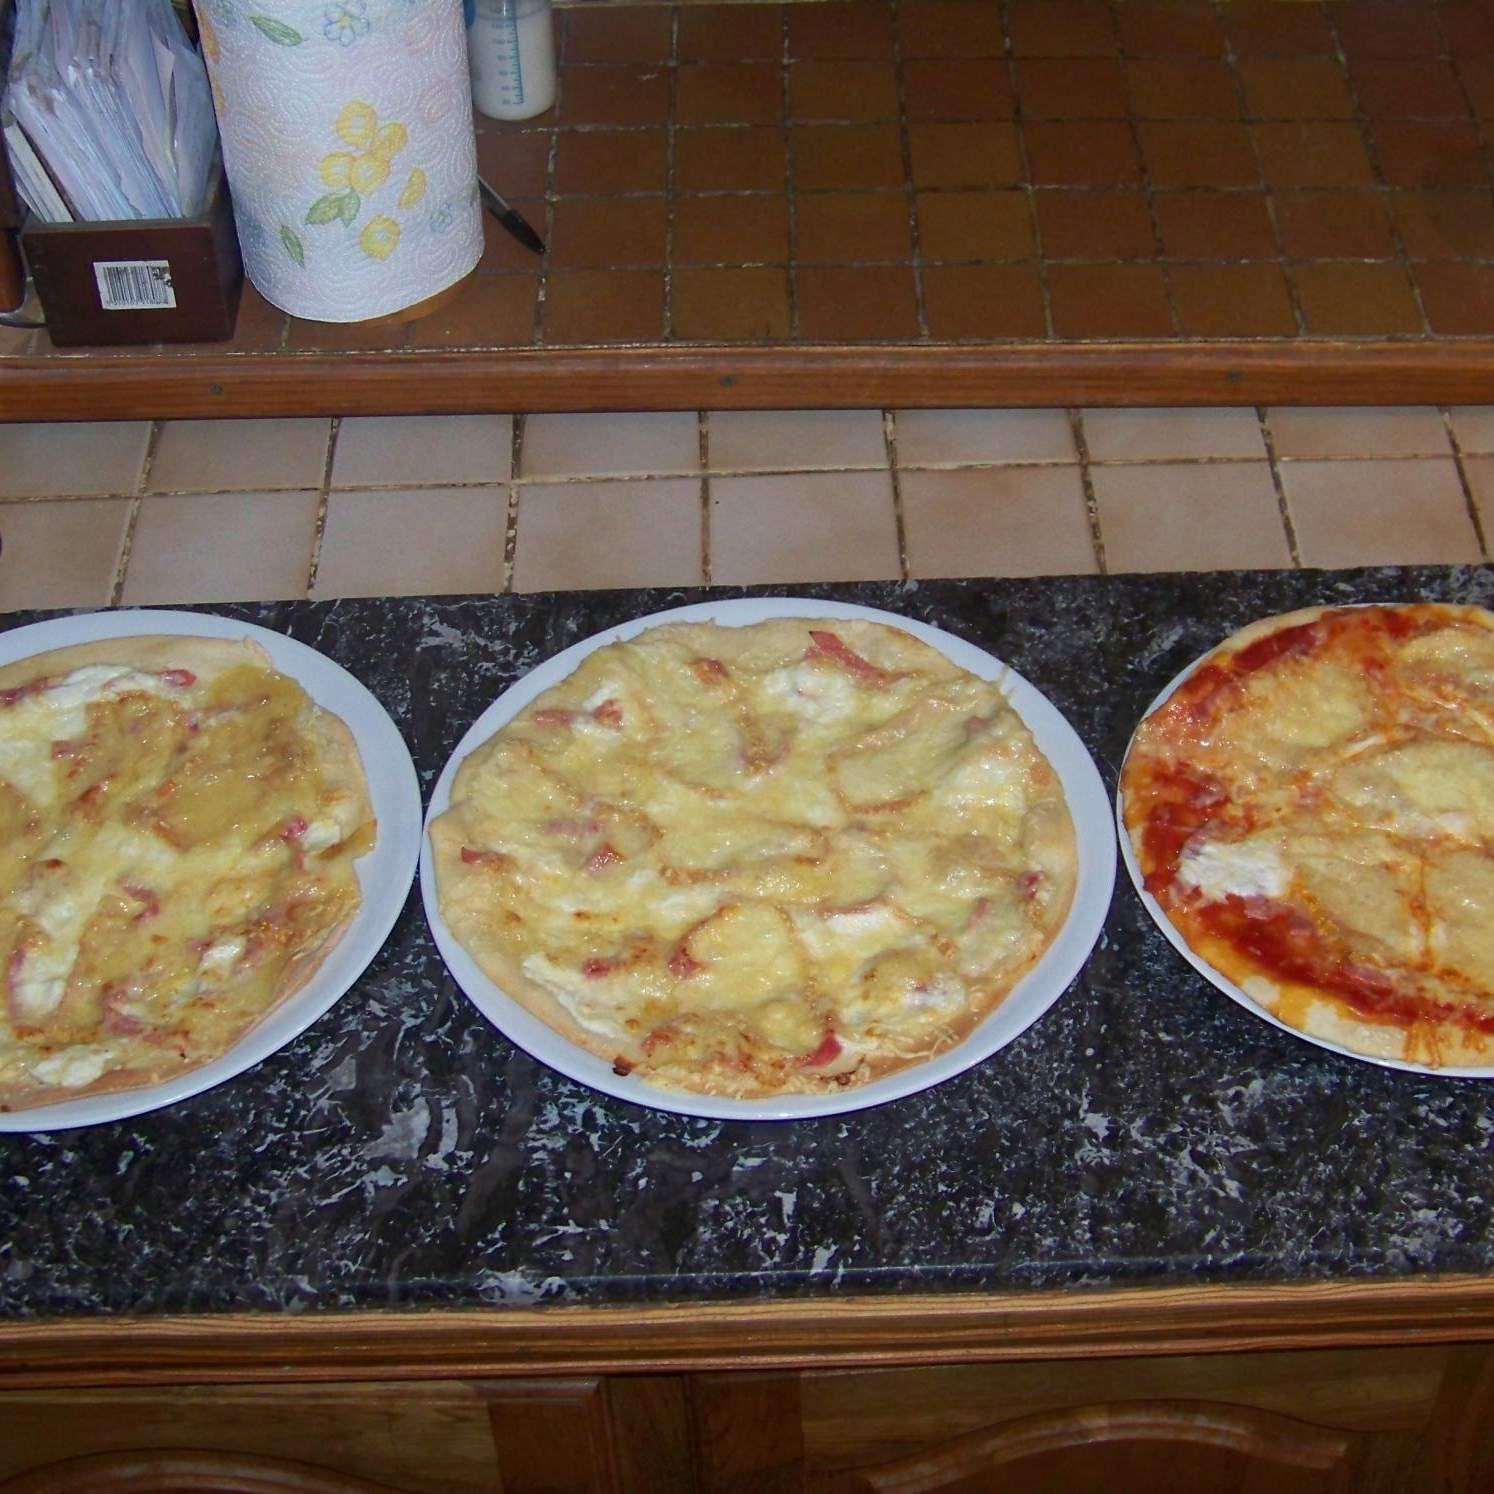 Recette Pâte à Pizza Géniale Par Camelia62fanny